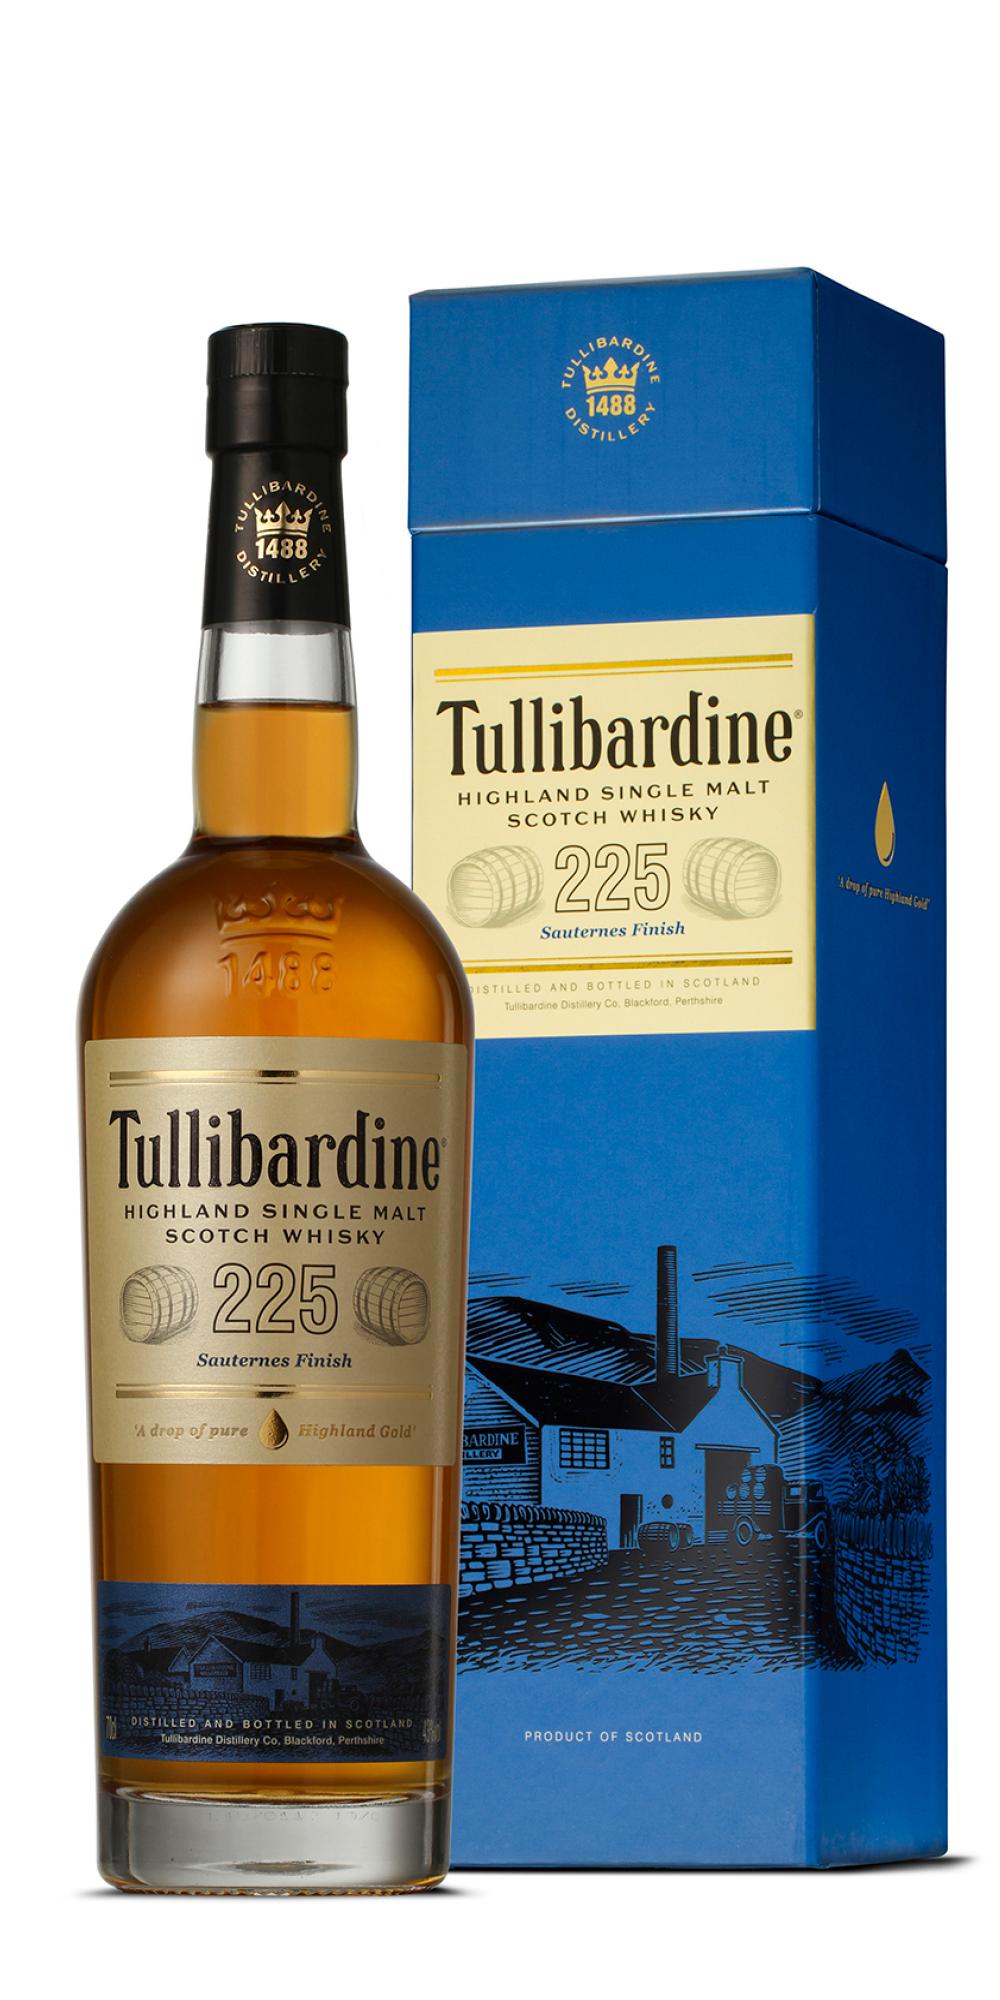 Tullibardine Sauternes Finish 224